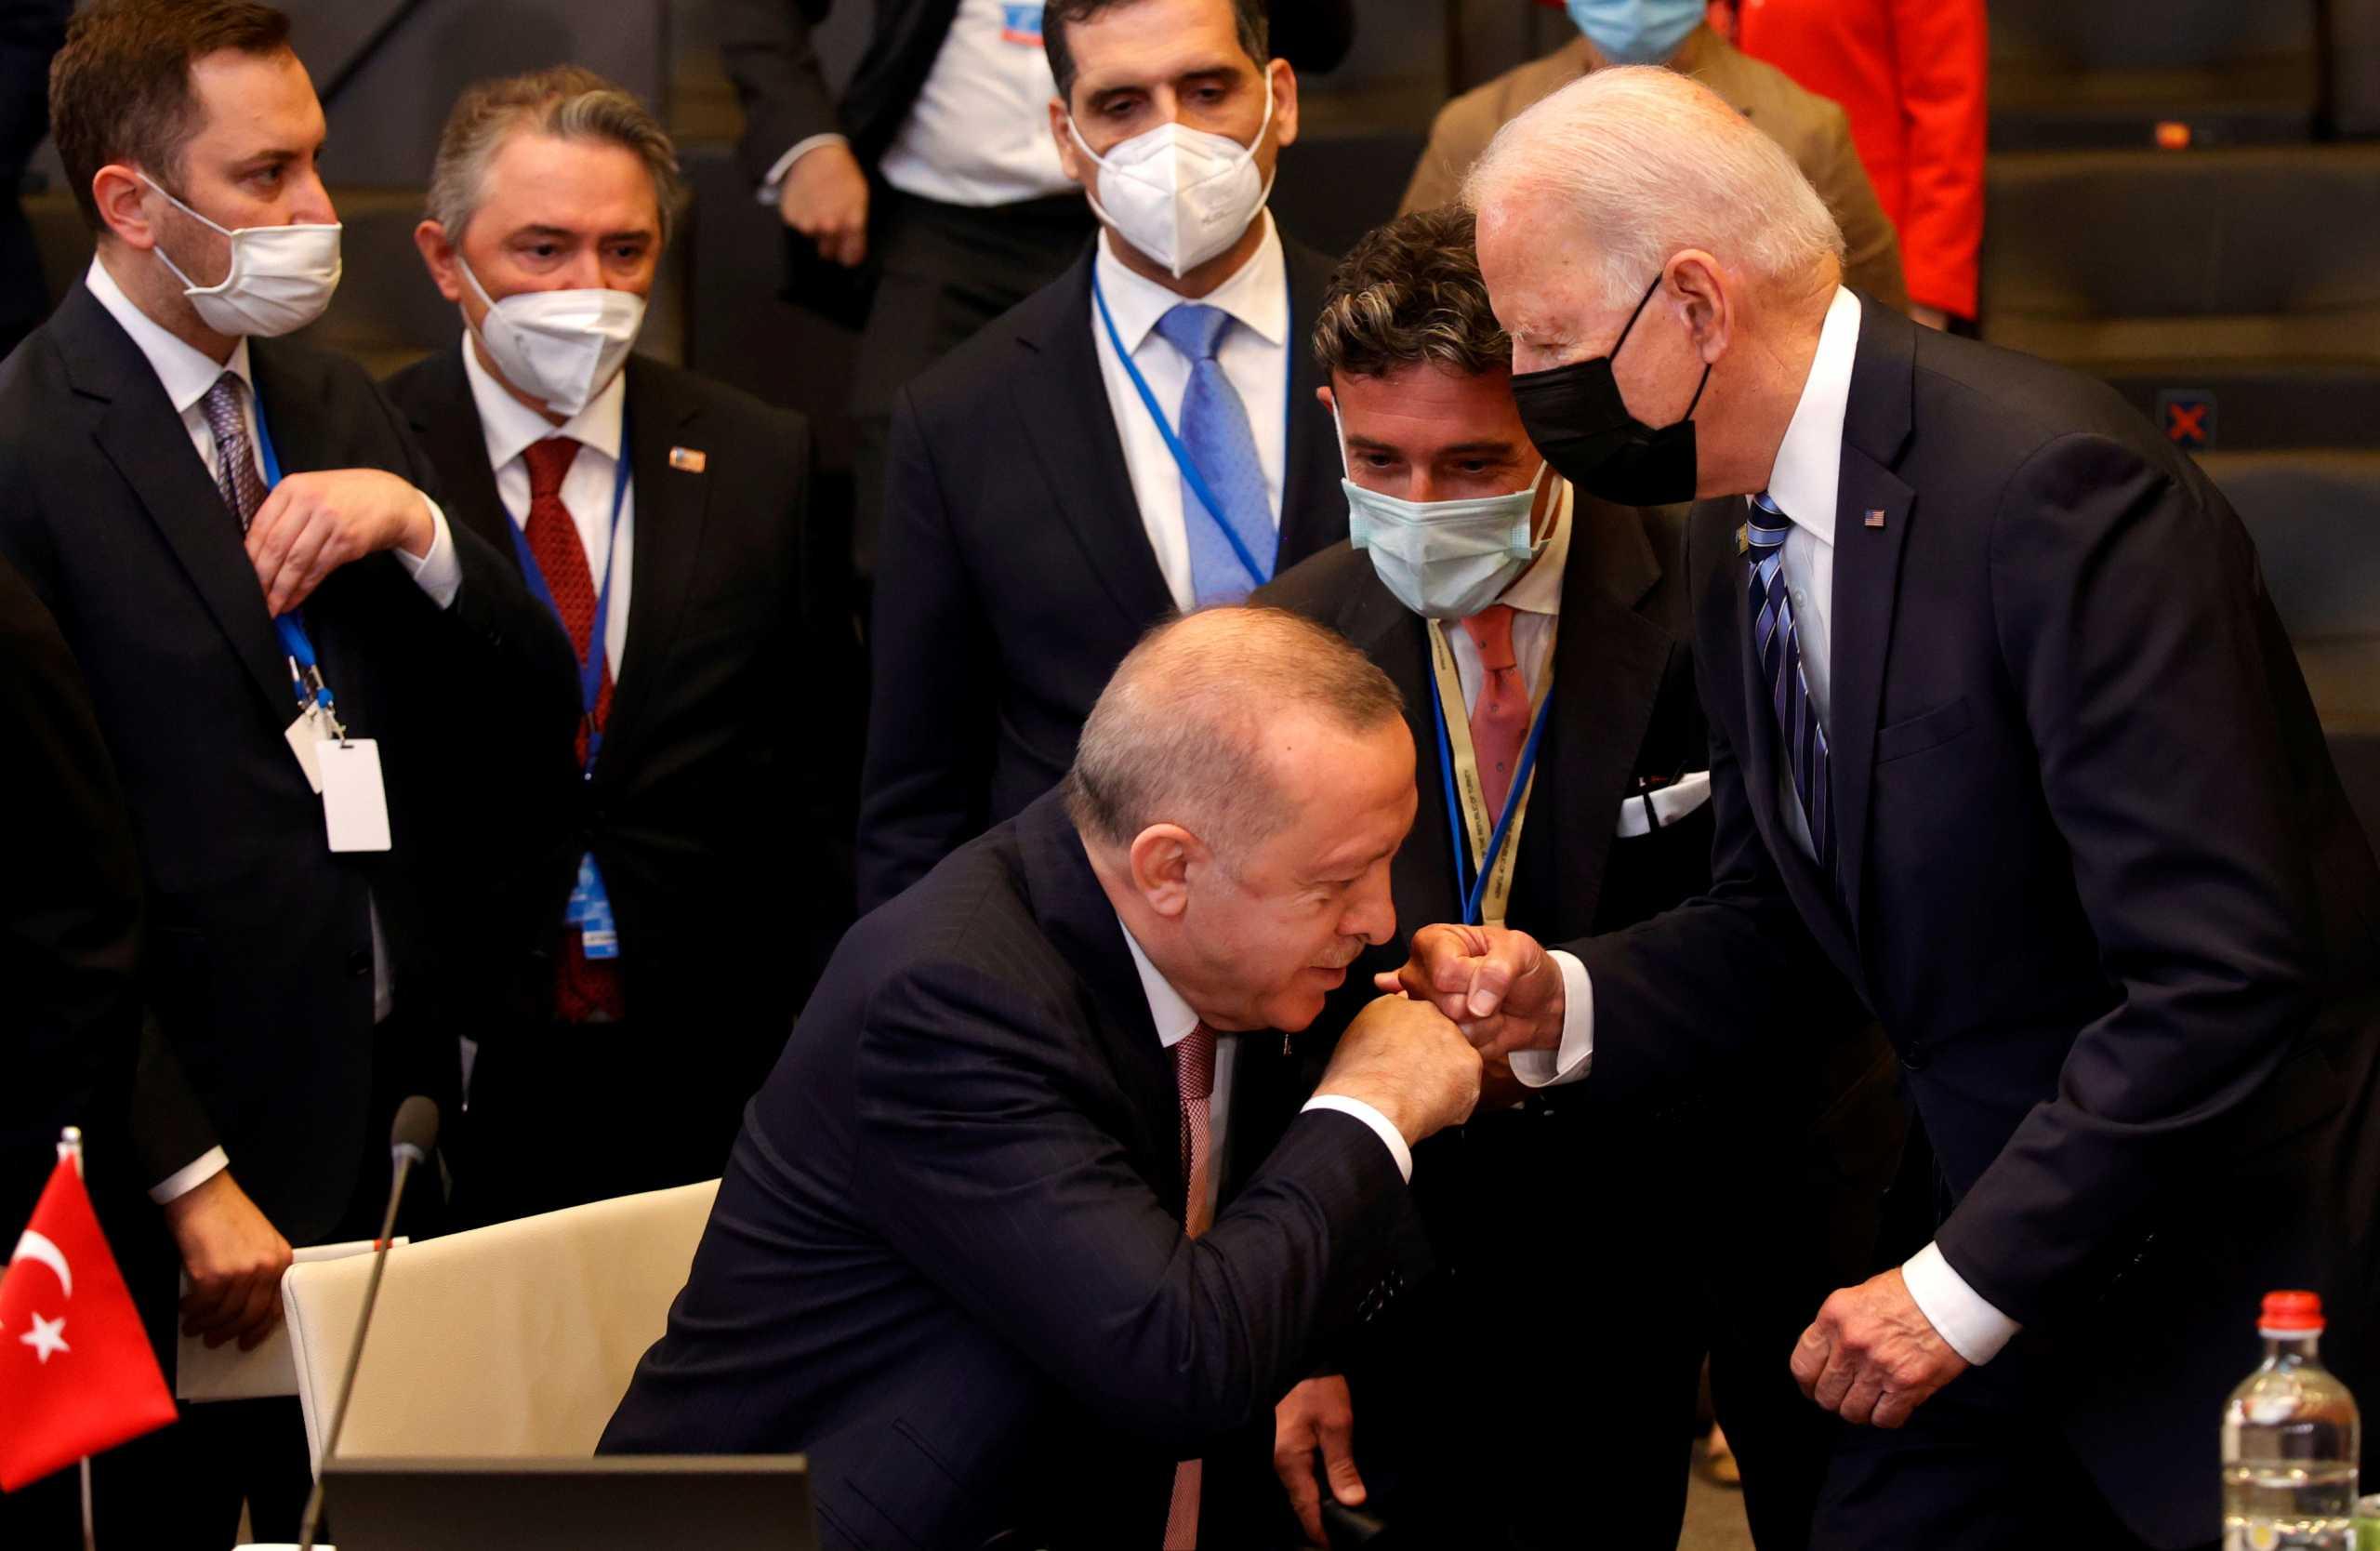 Σύνοδος ΝΑΤΟ: Η φωτογραφία Ερντογάν – Μπάιντεν που κάνει χαμό στα social media